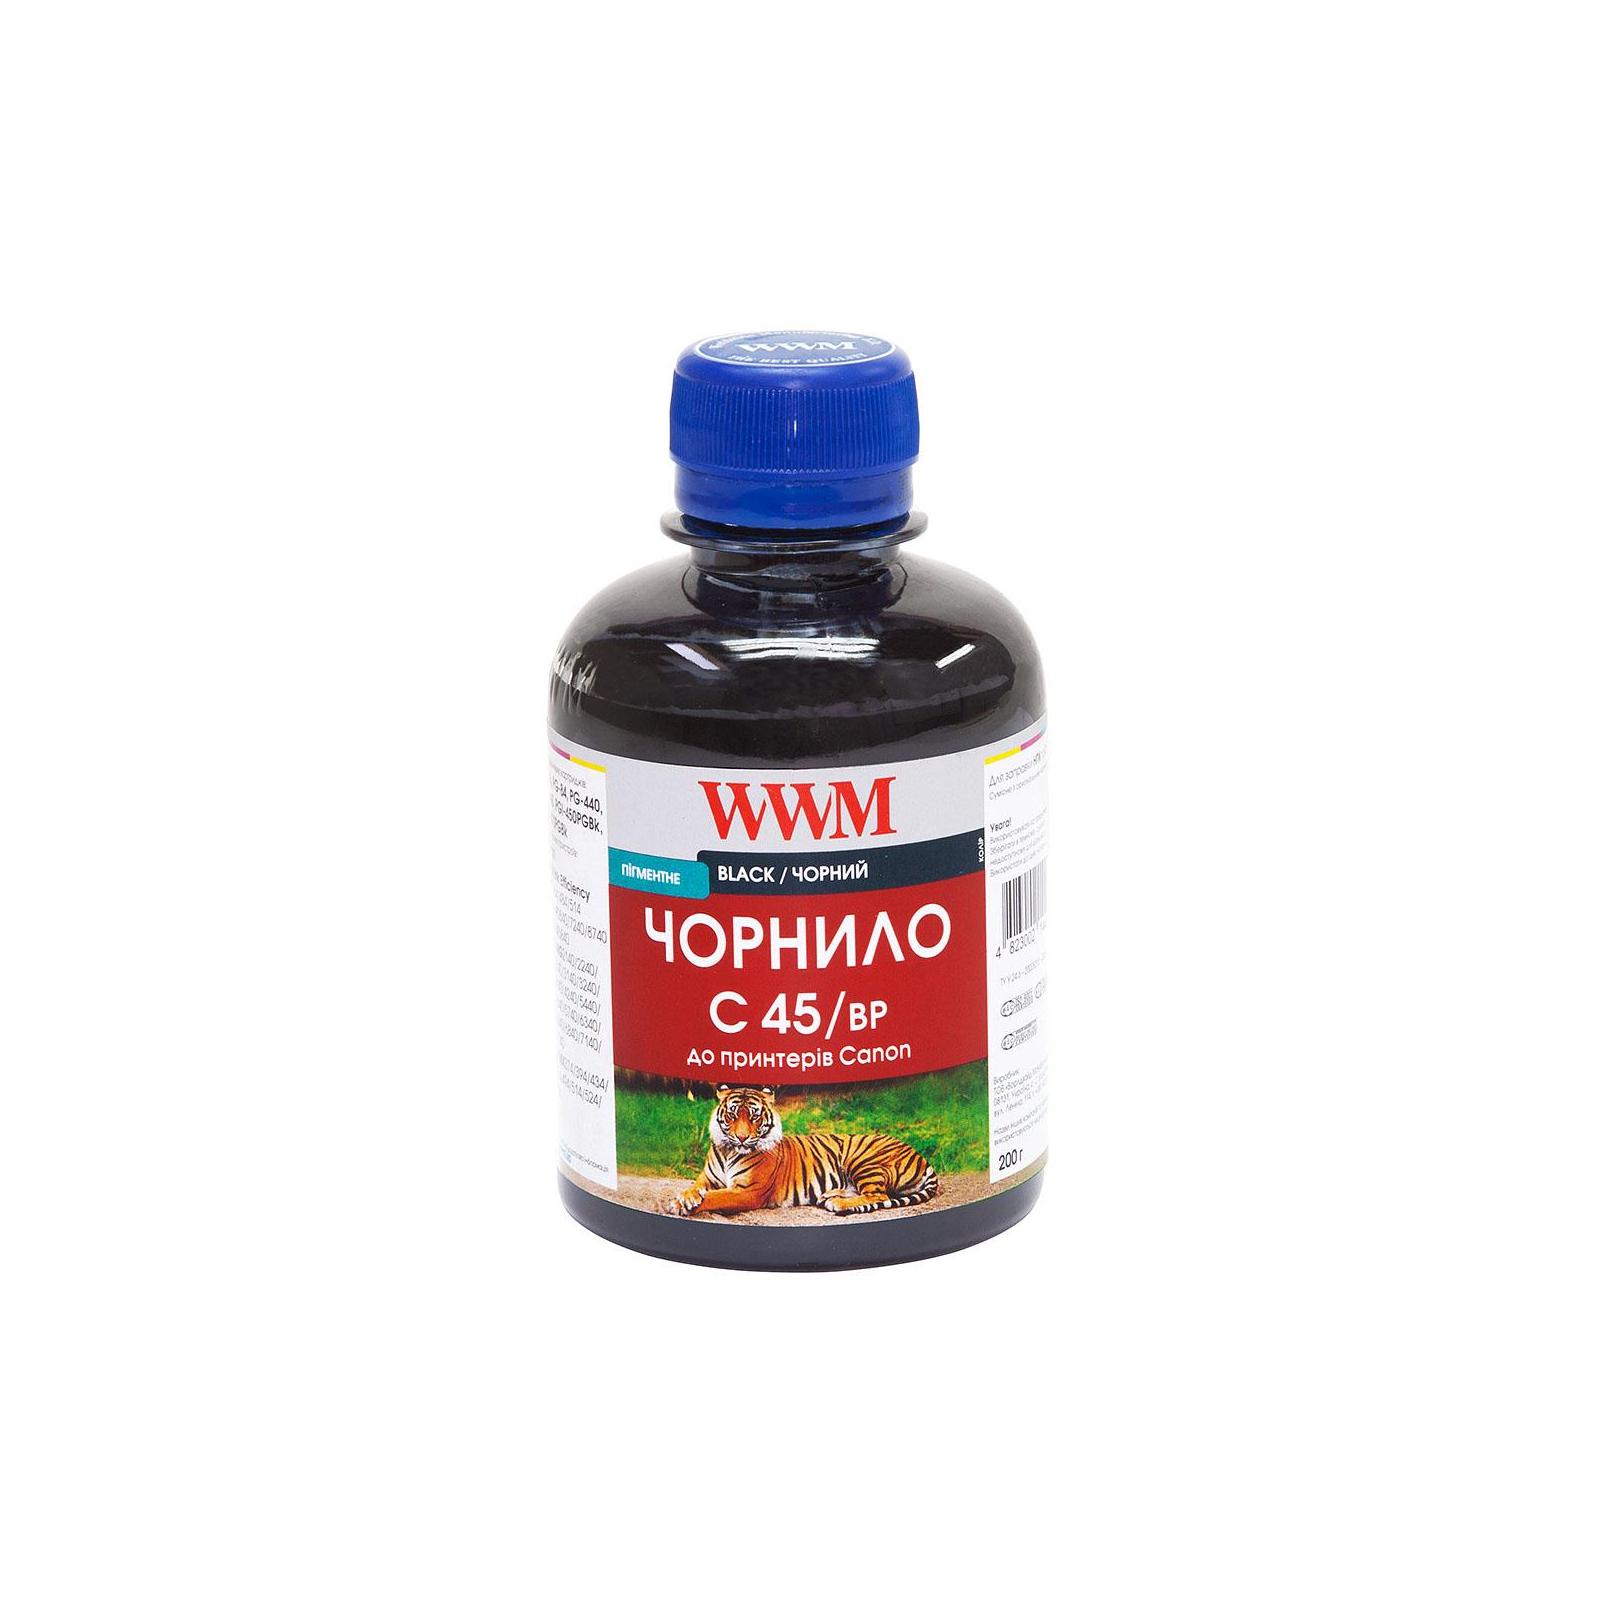 Чернила WWM CANON PG440/445/PGI450 Black Pigment (C45/BP)